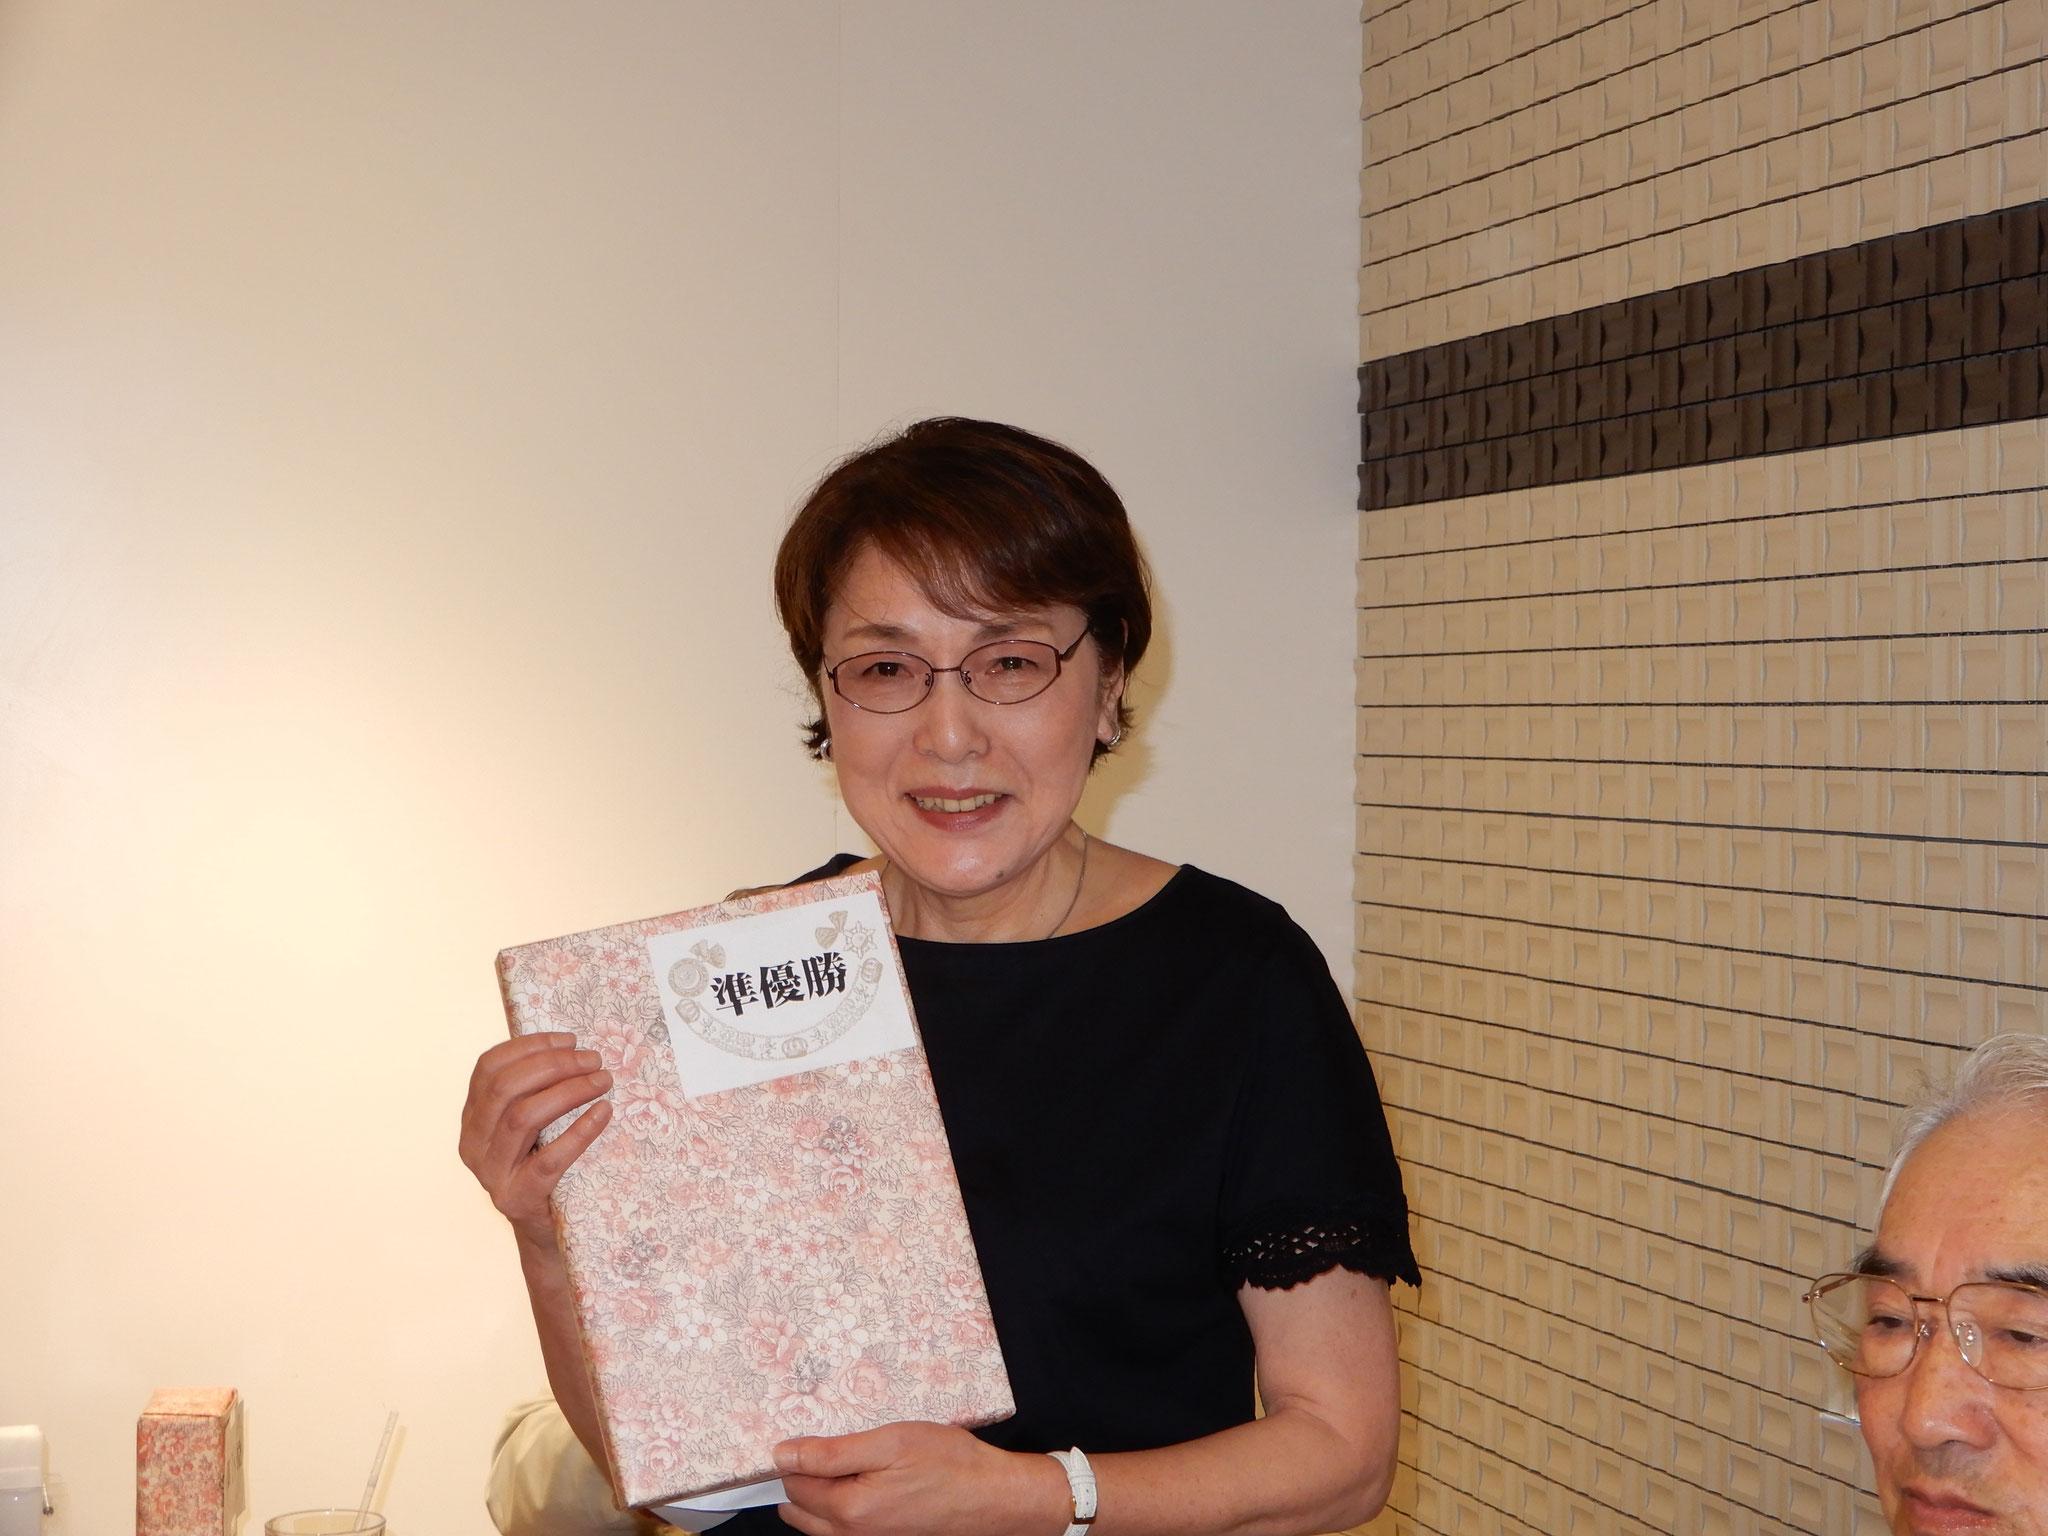 準優勝者: <宮田和子> 丁寧にスコアーをまとめました。